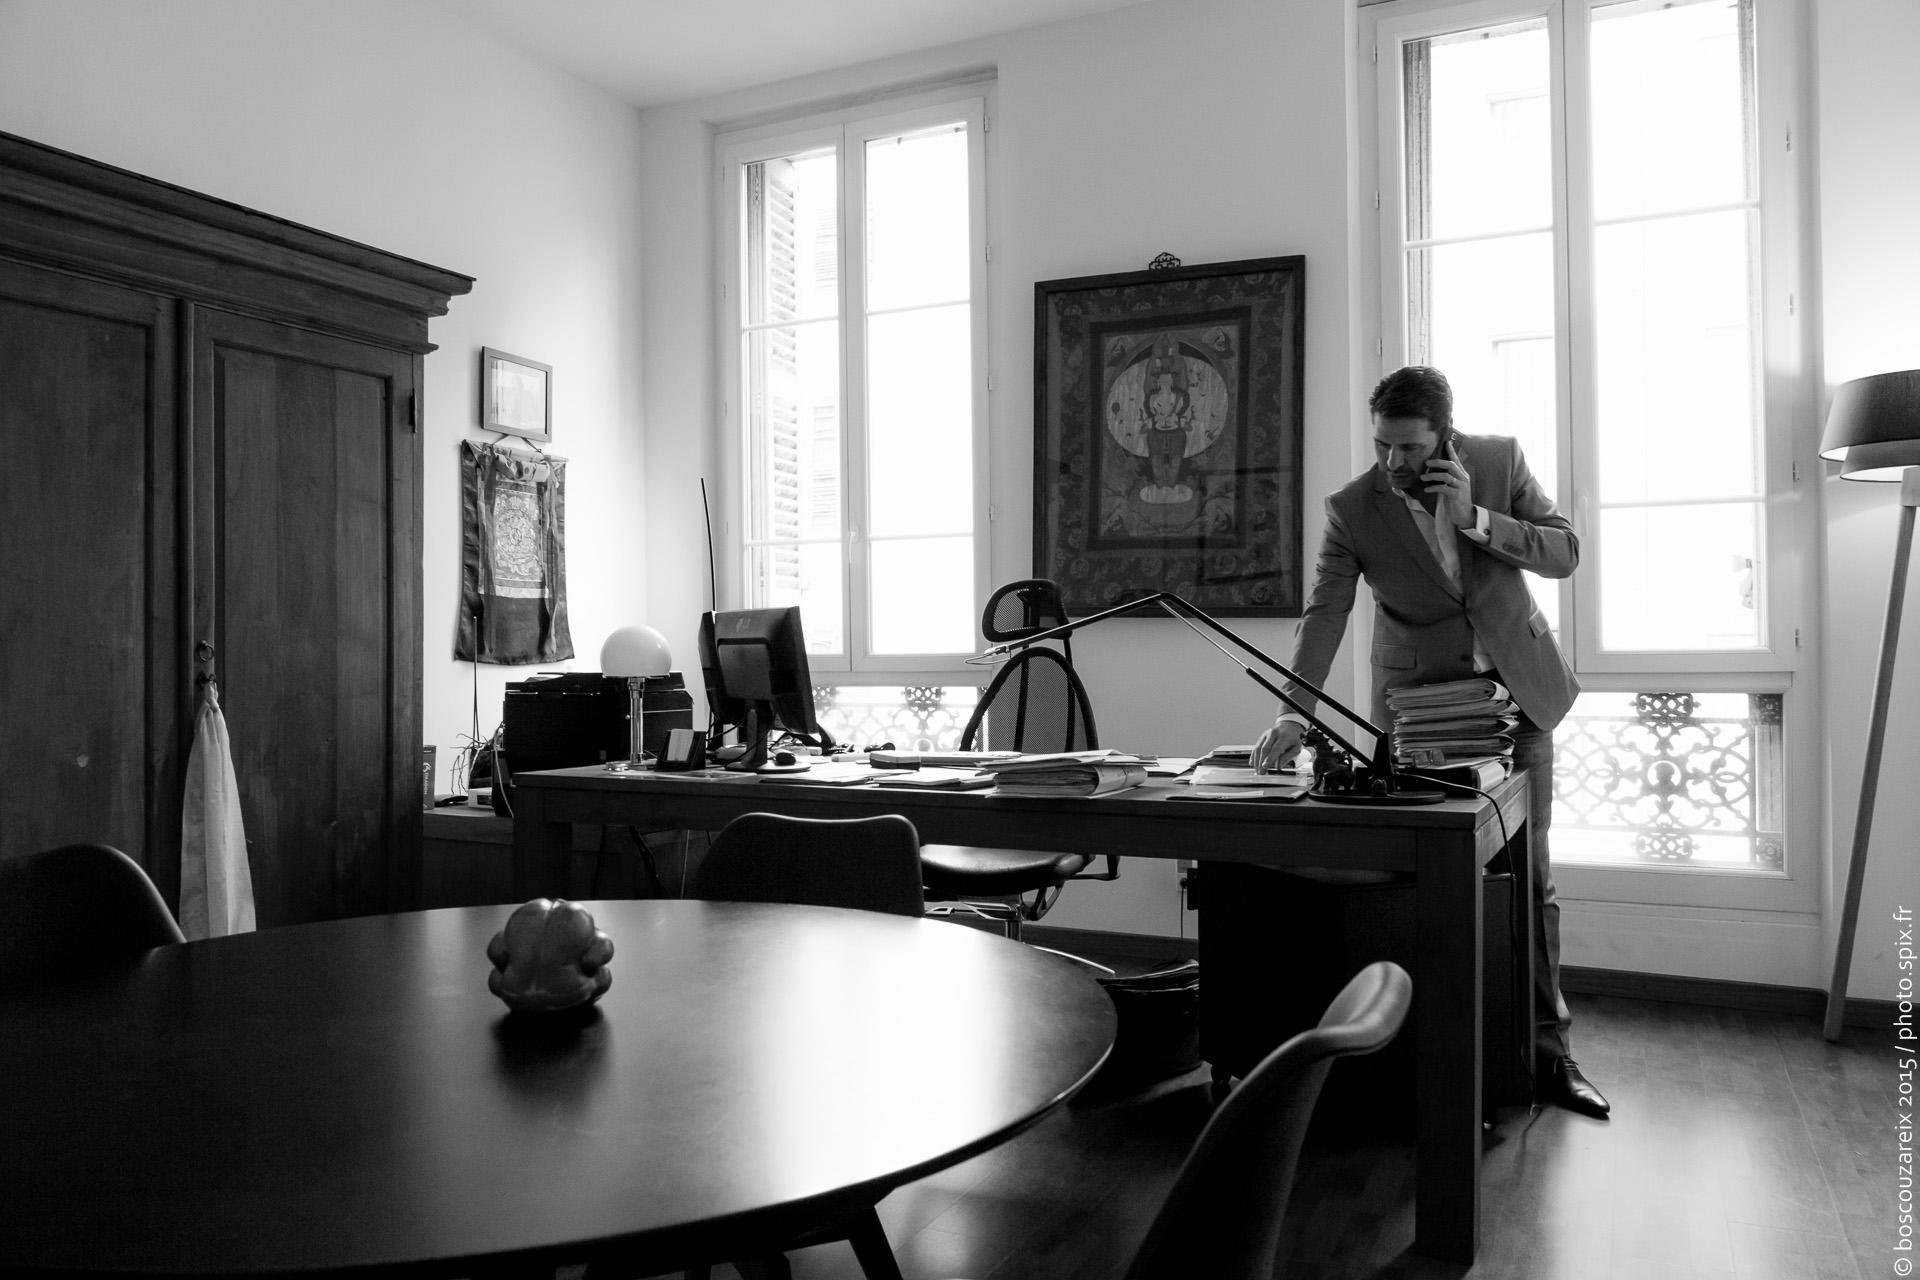 cabinet-avocats-galvan-59